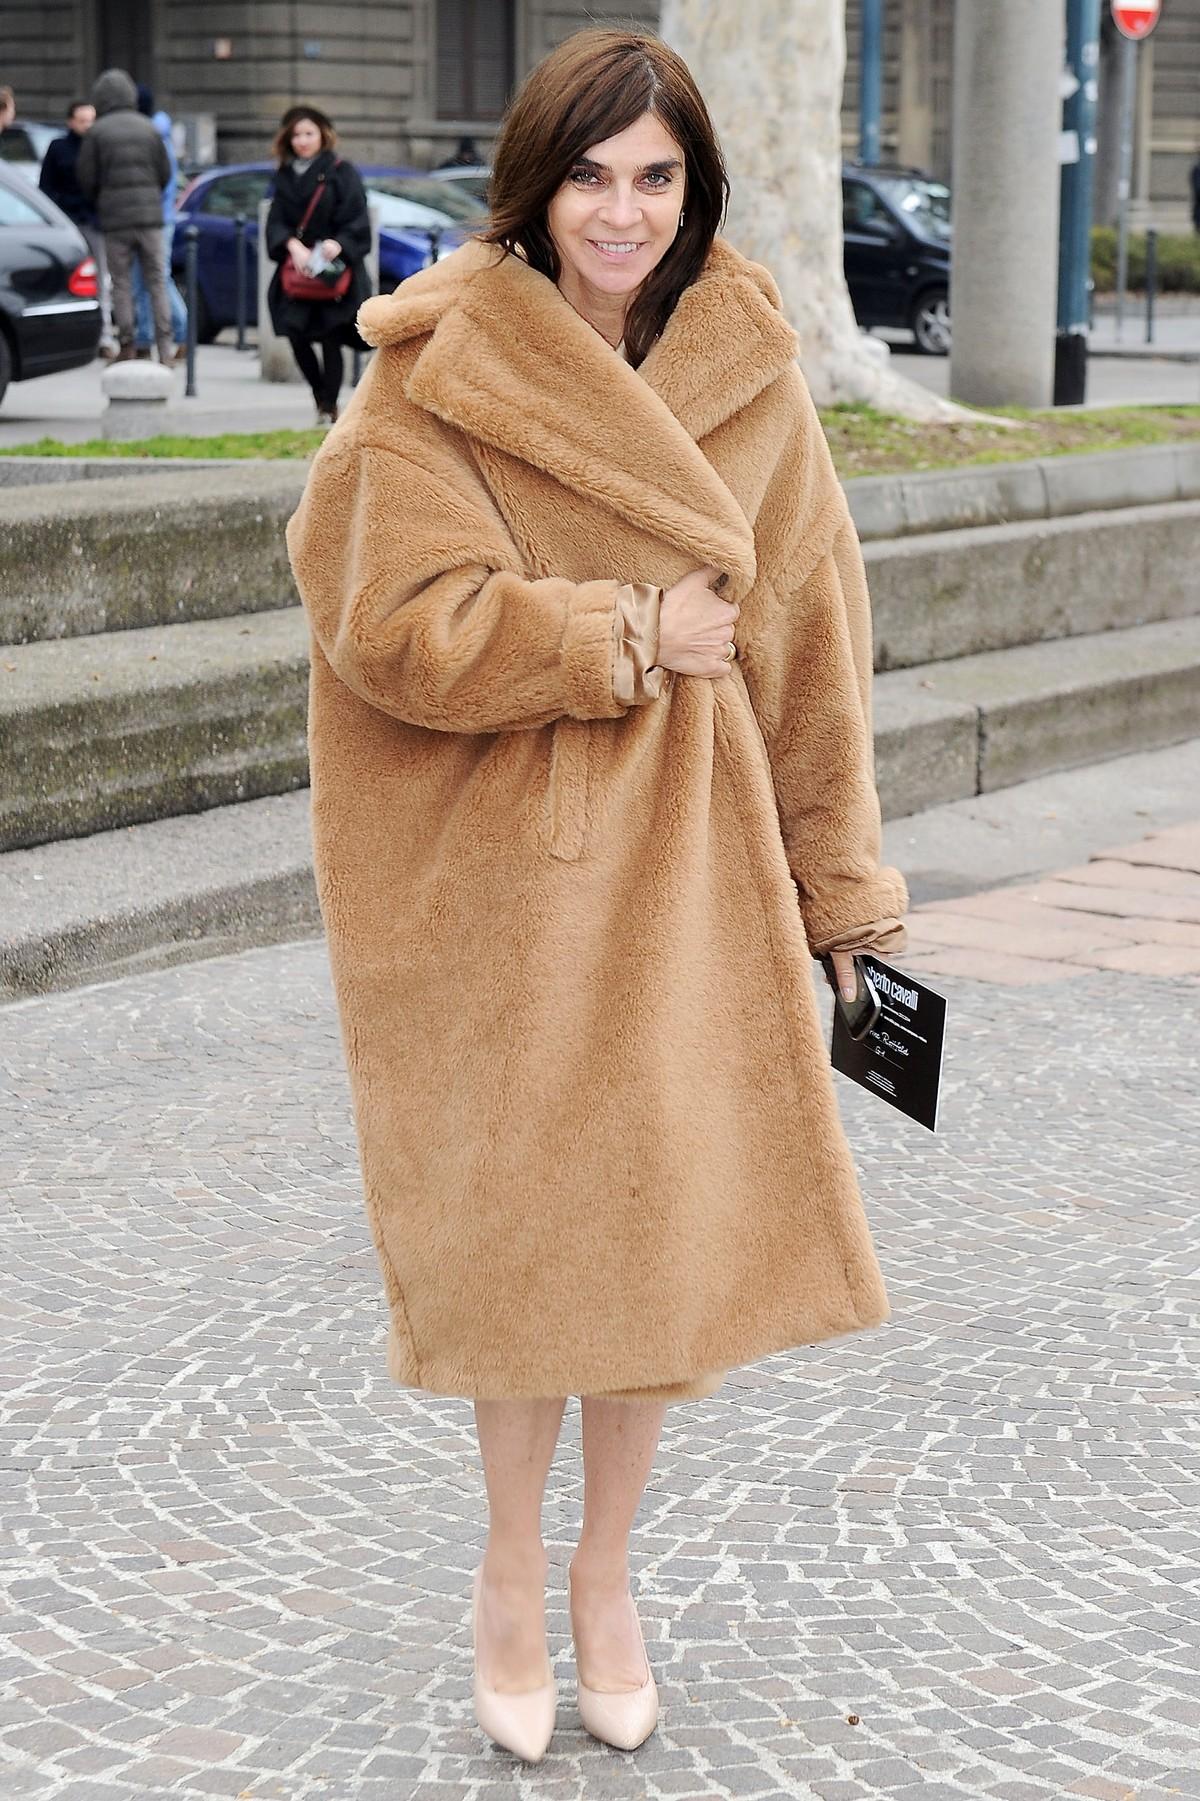 Max Mara cappotti Teddy Bear autunno inverno 2018 2019